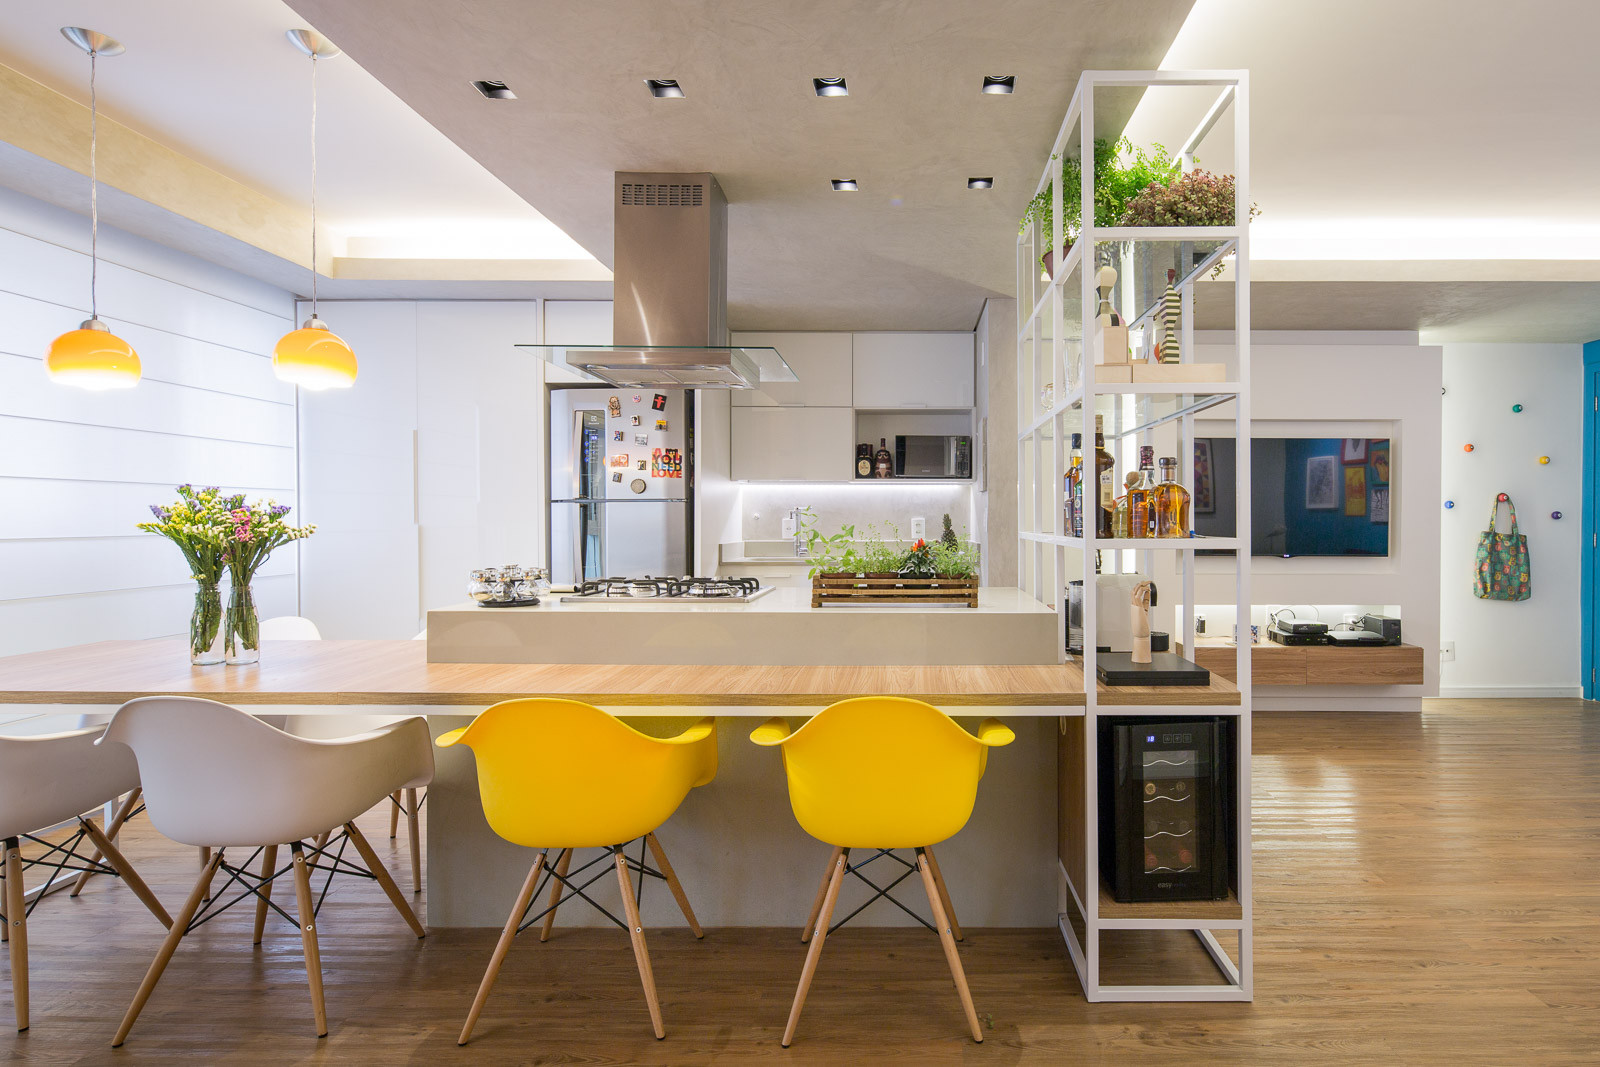 Apartamento Trama / Semerene Arquitetura Interior, © Joana França